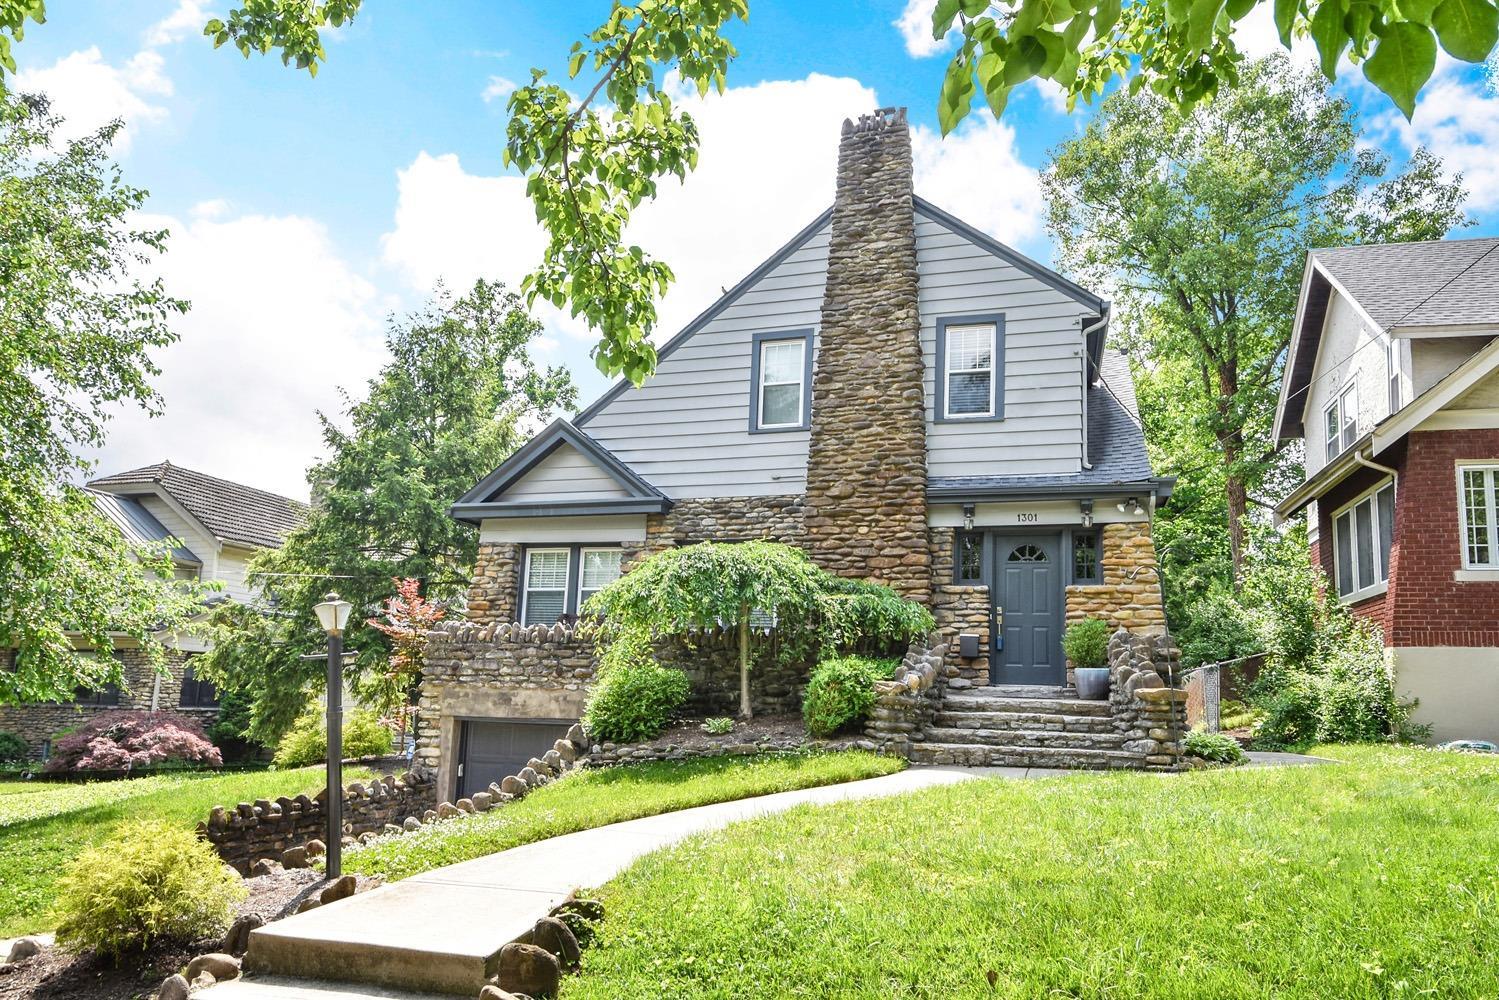 Property for sale at 1301 Duncan Avenue, Cincinnati,  Ohio 45208